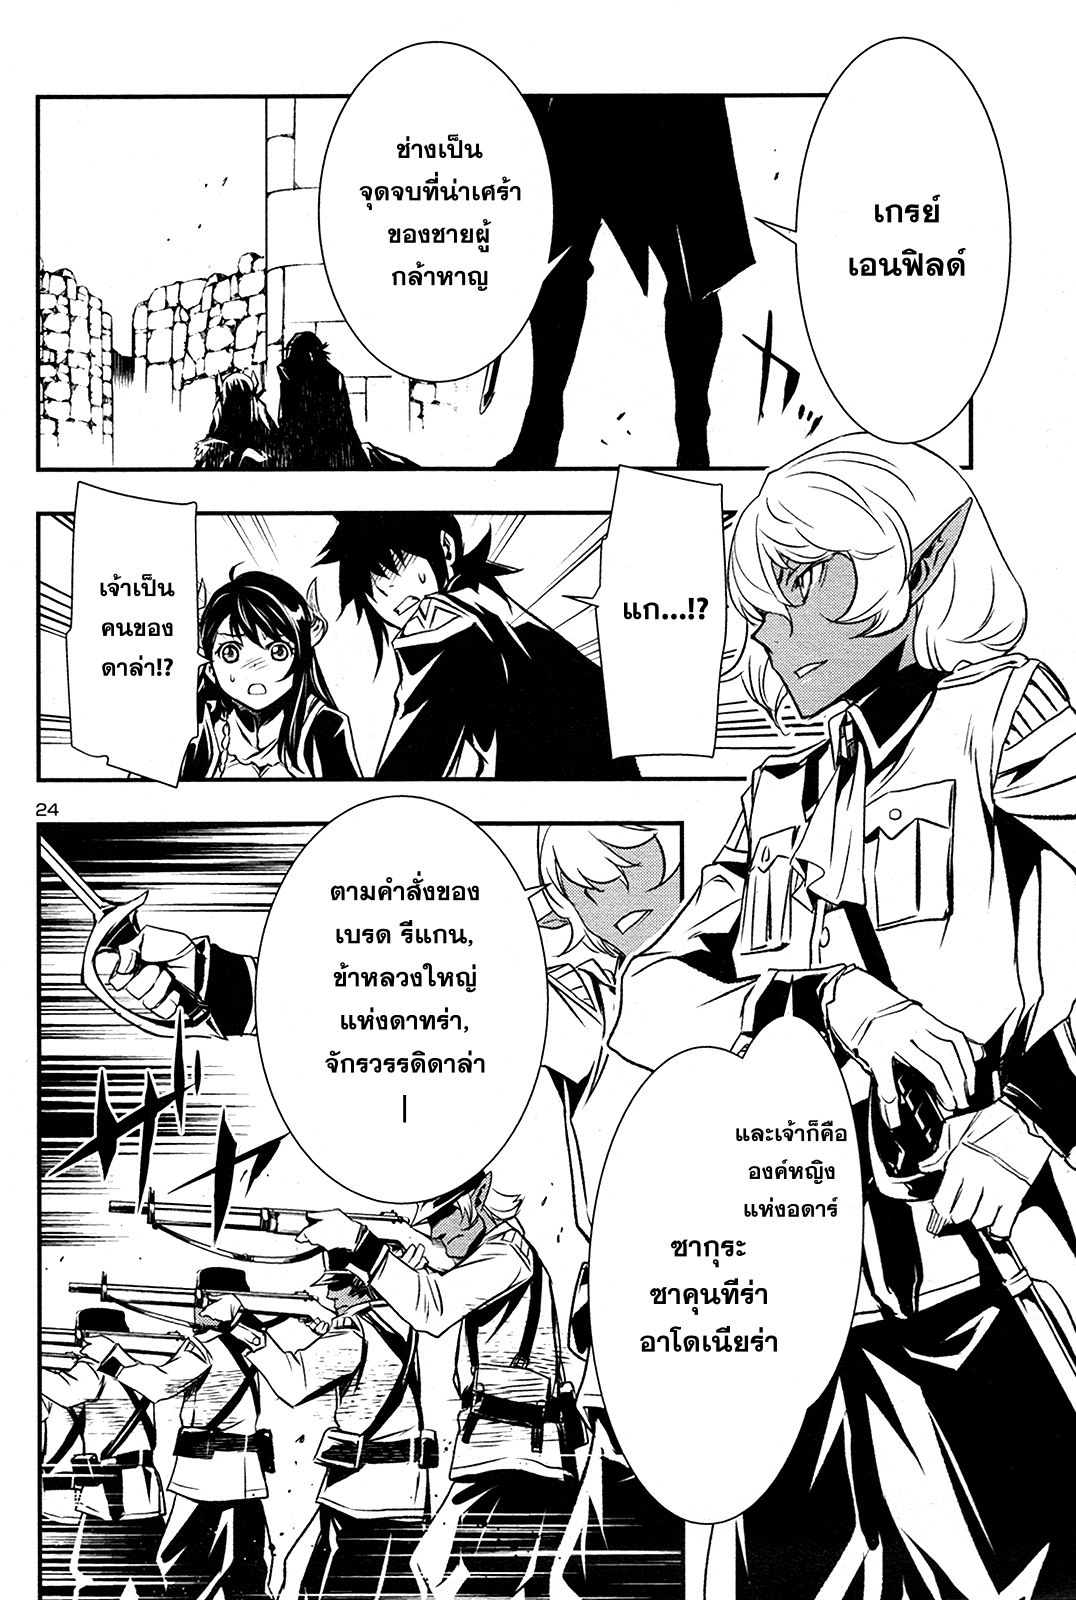 อ่านการ์ตูน Shinju no Nectar ตอนที่ 4 หน้าที่ 24